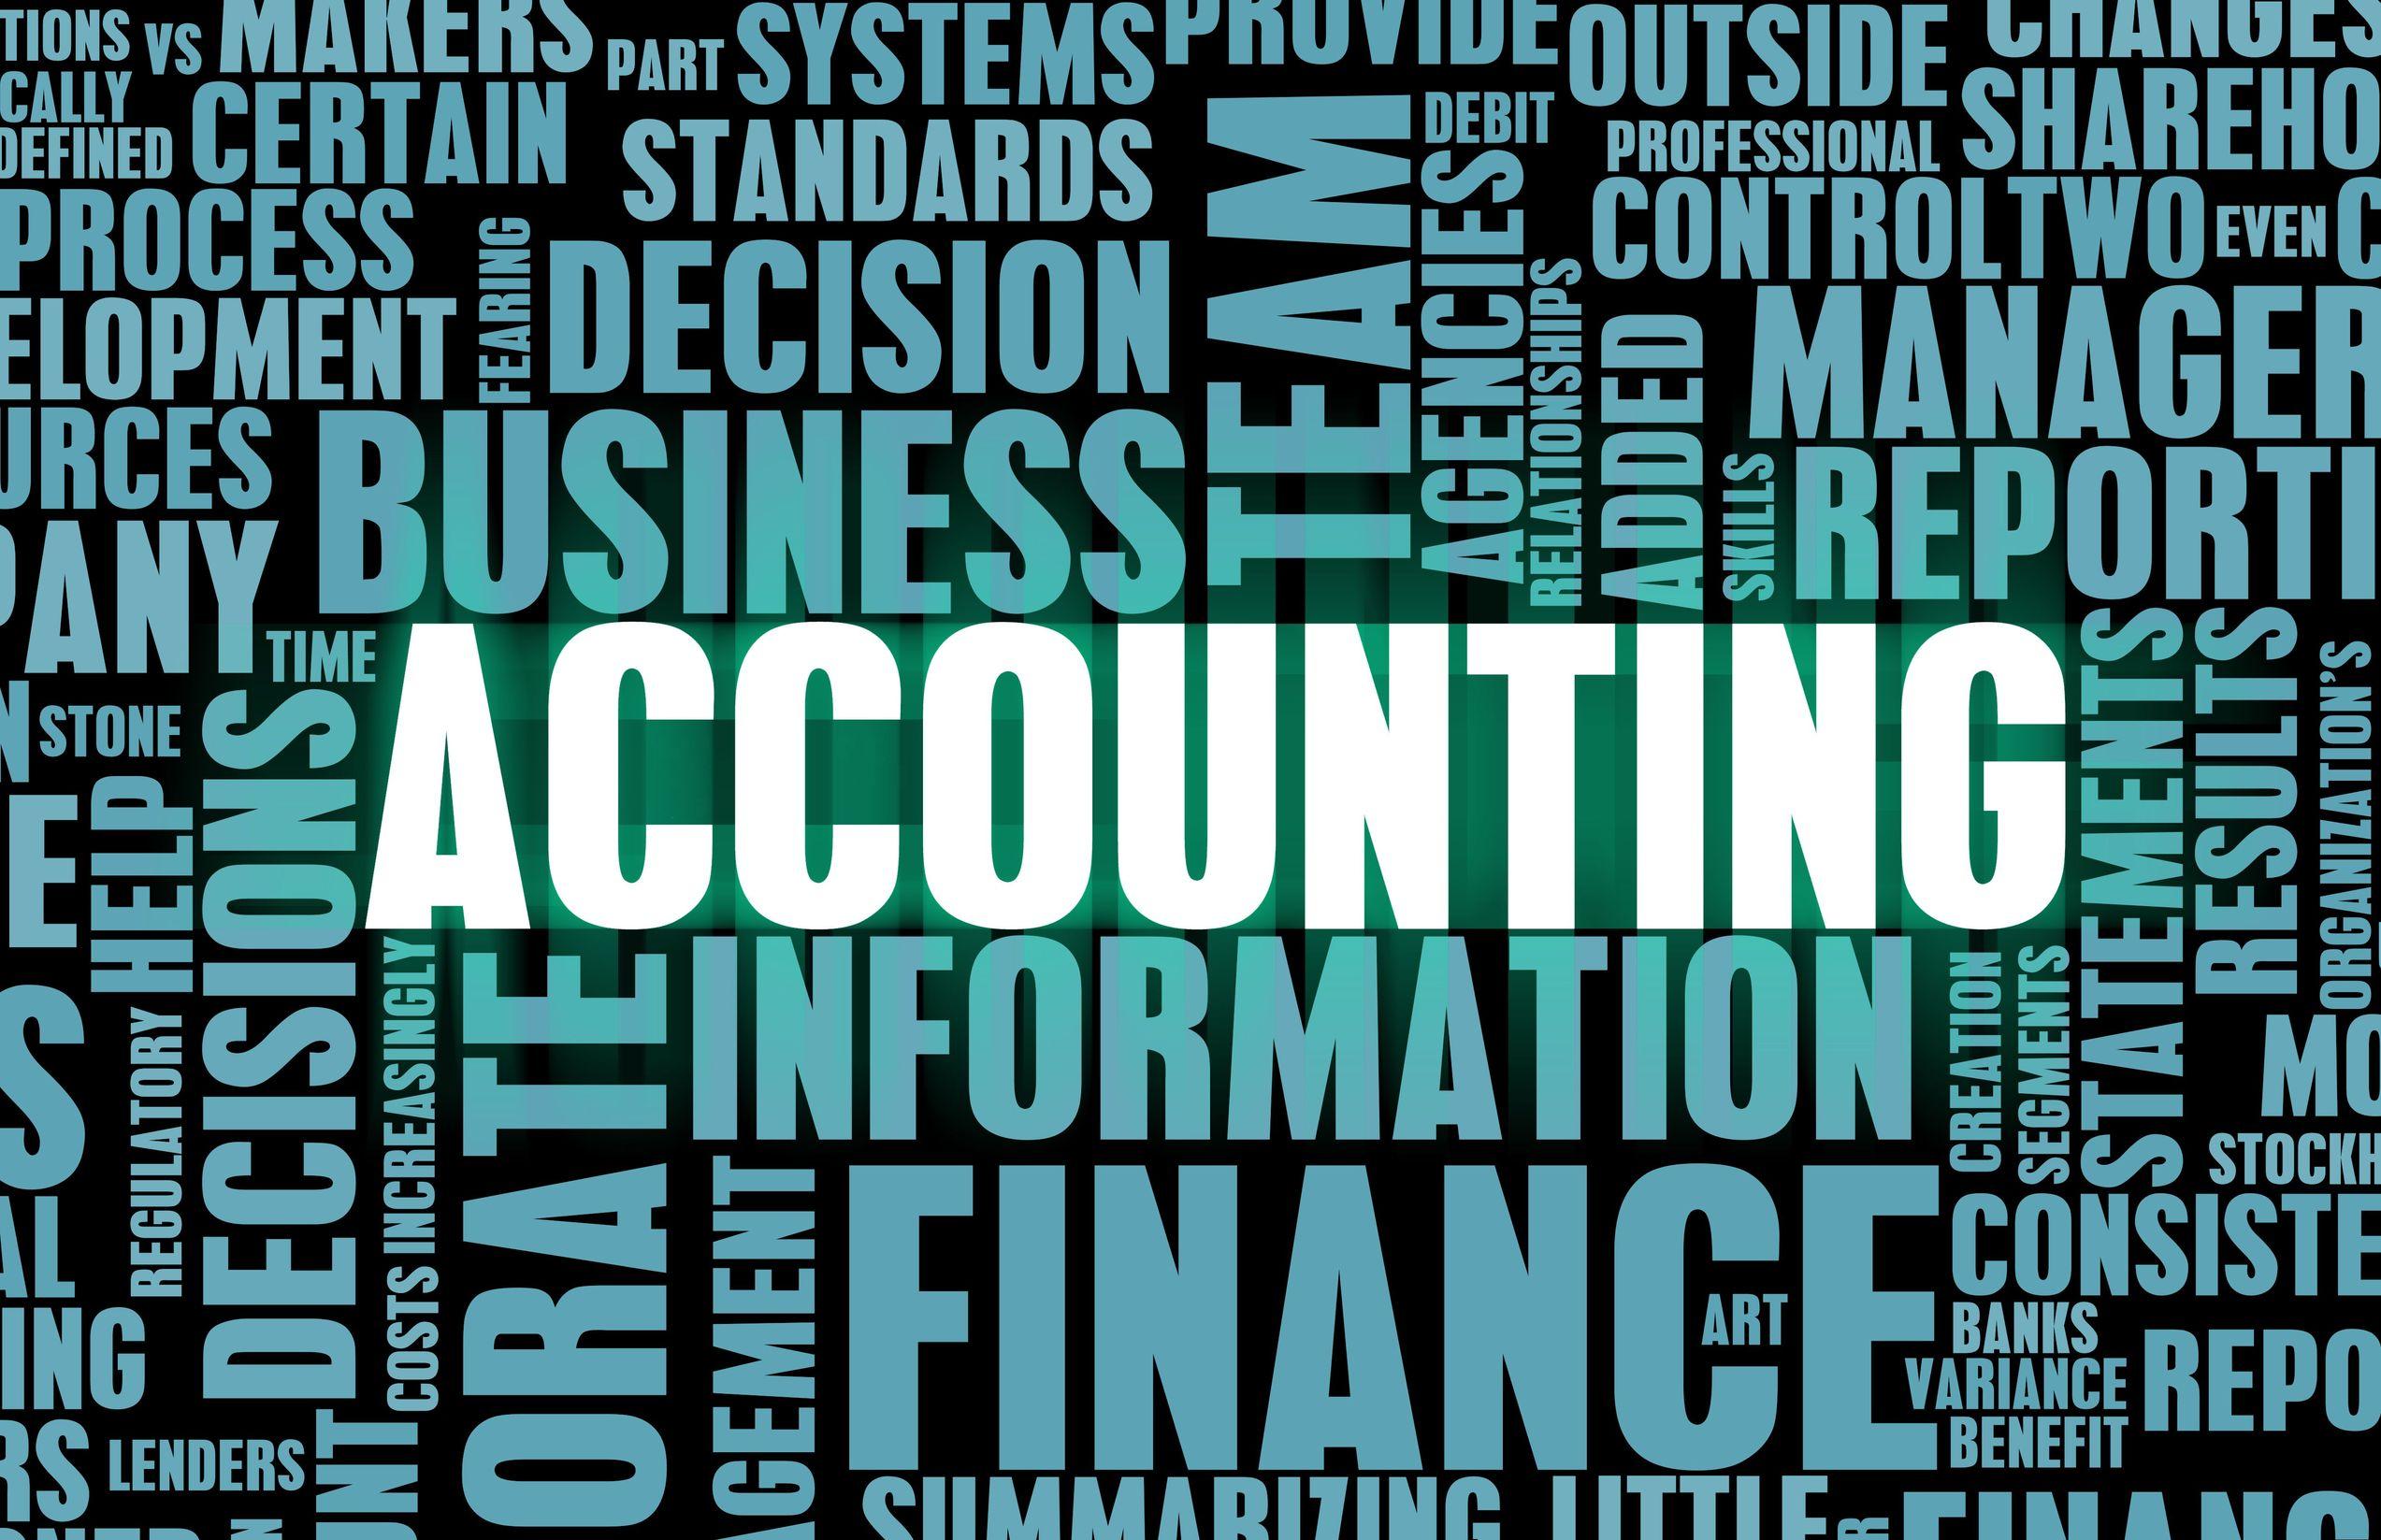 Peligros y amenazas de la contabilidad creativa para los accionistas